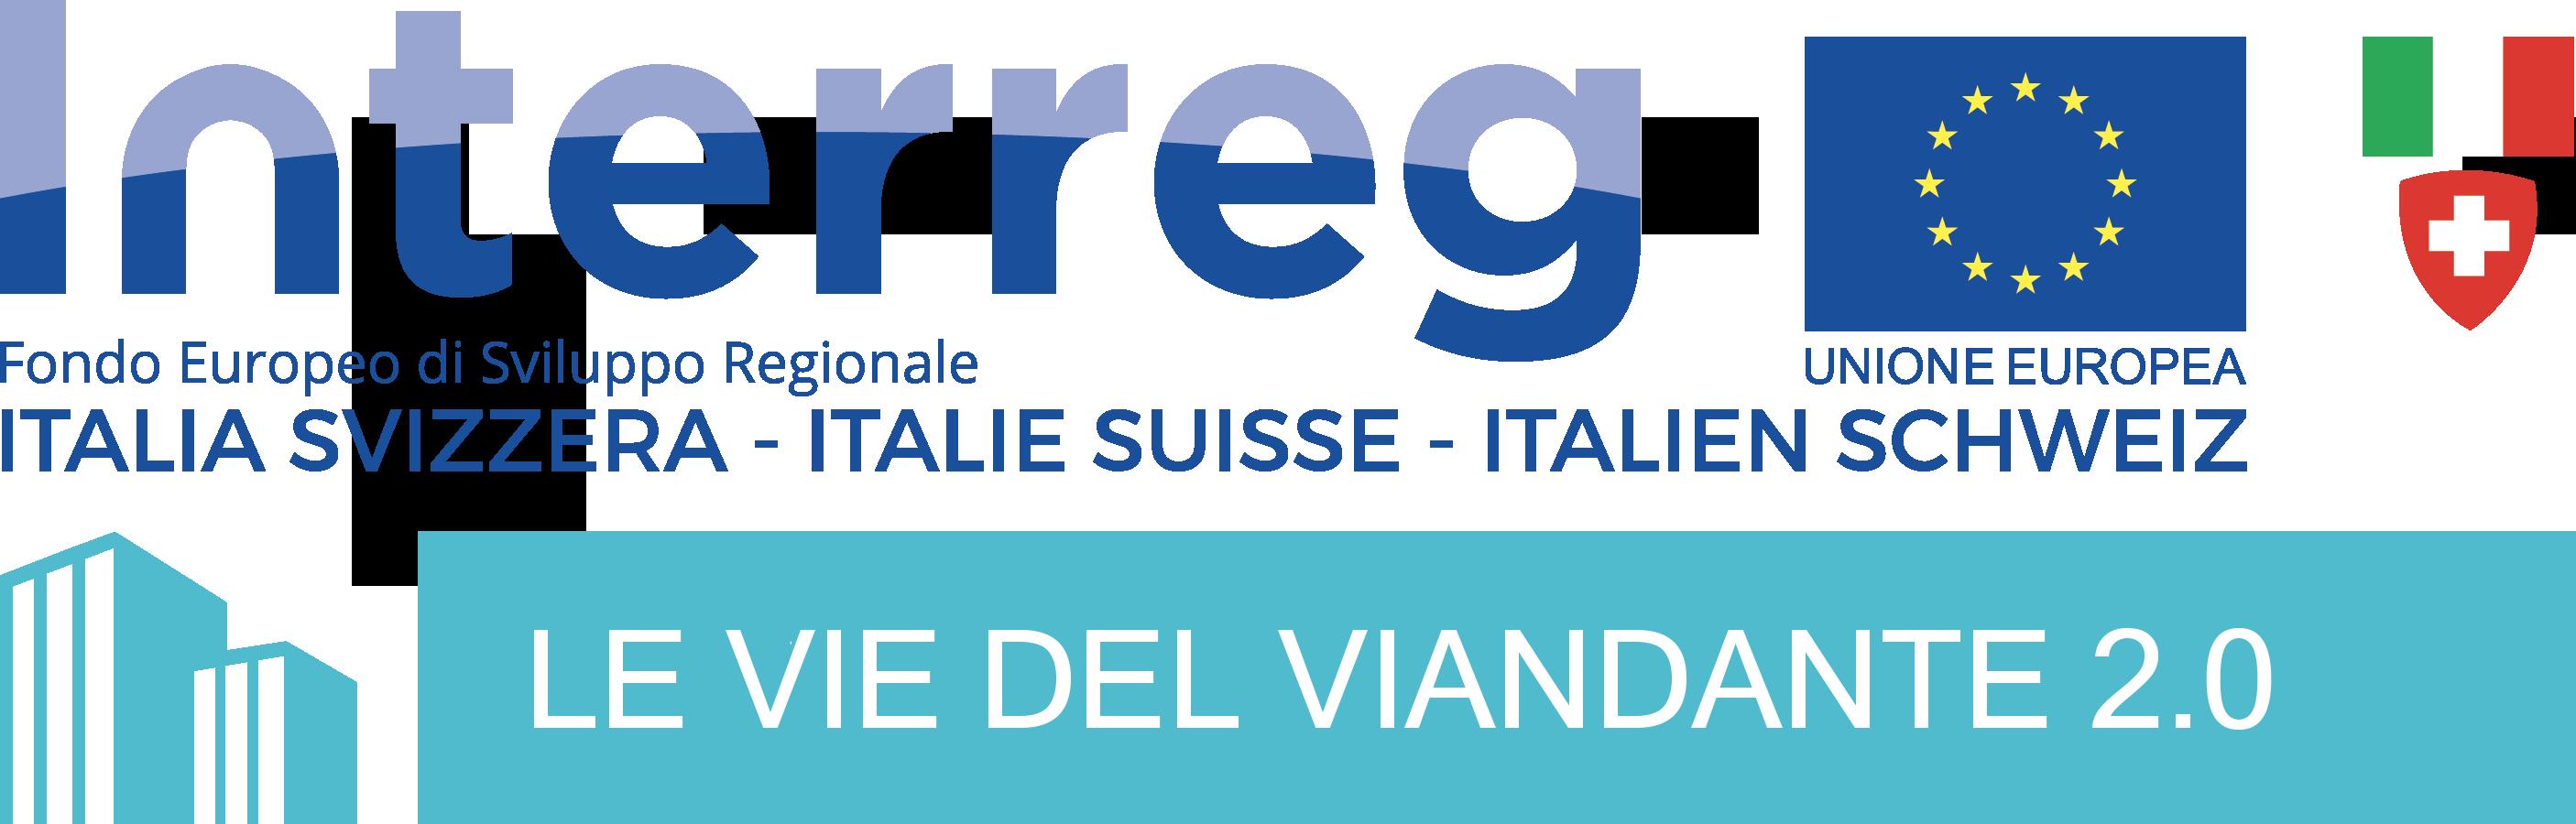 Workshop del 28/10/2019 a Lecco su pacchetti turistici Le Vie del Viandante